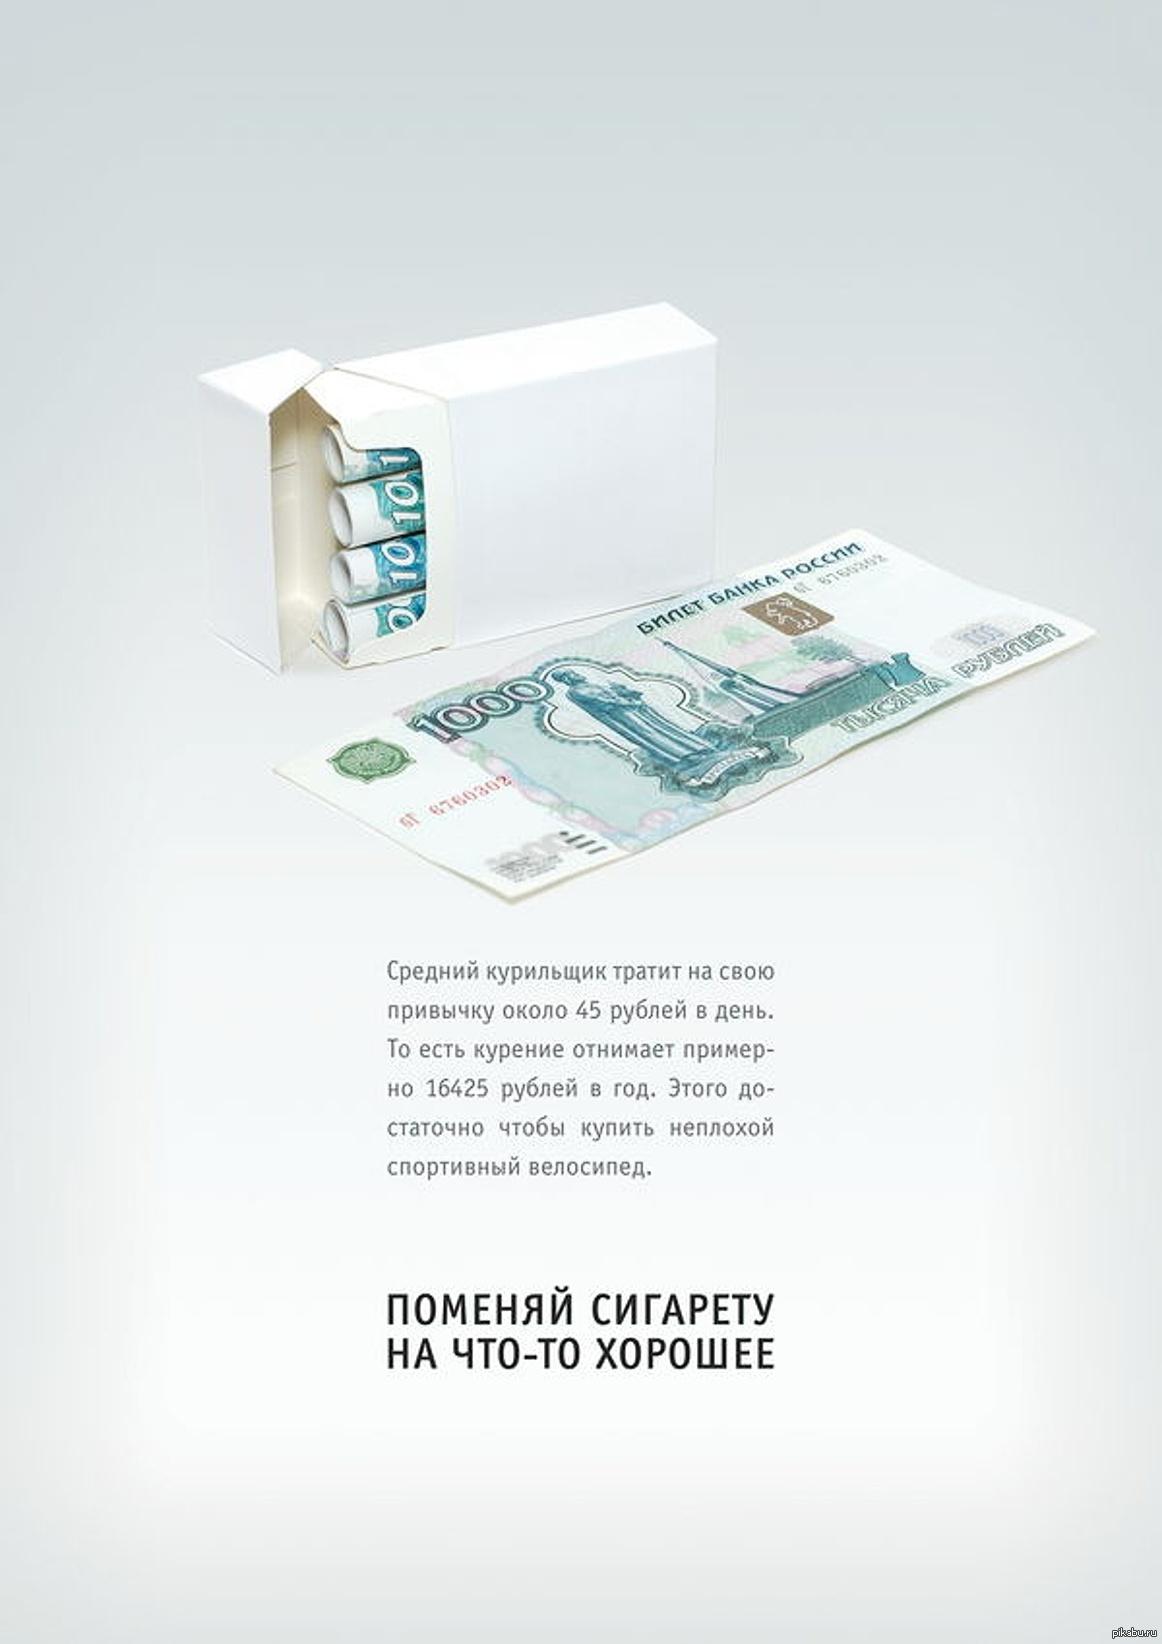 Антиреклама табачных изделий купить сигареты из армении в краснодаре